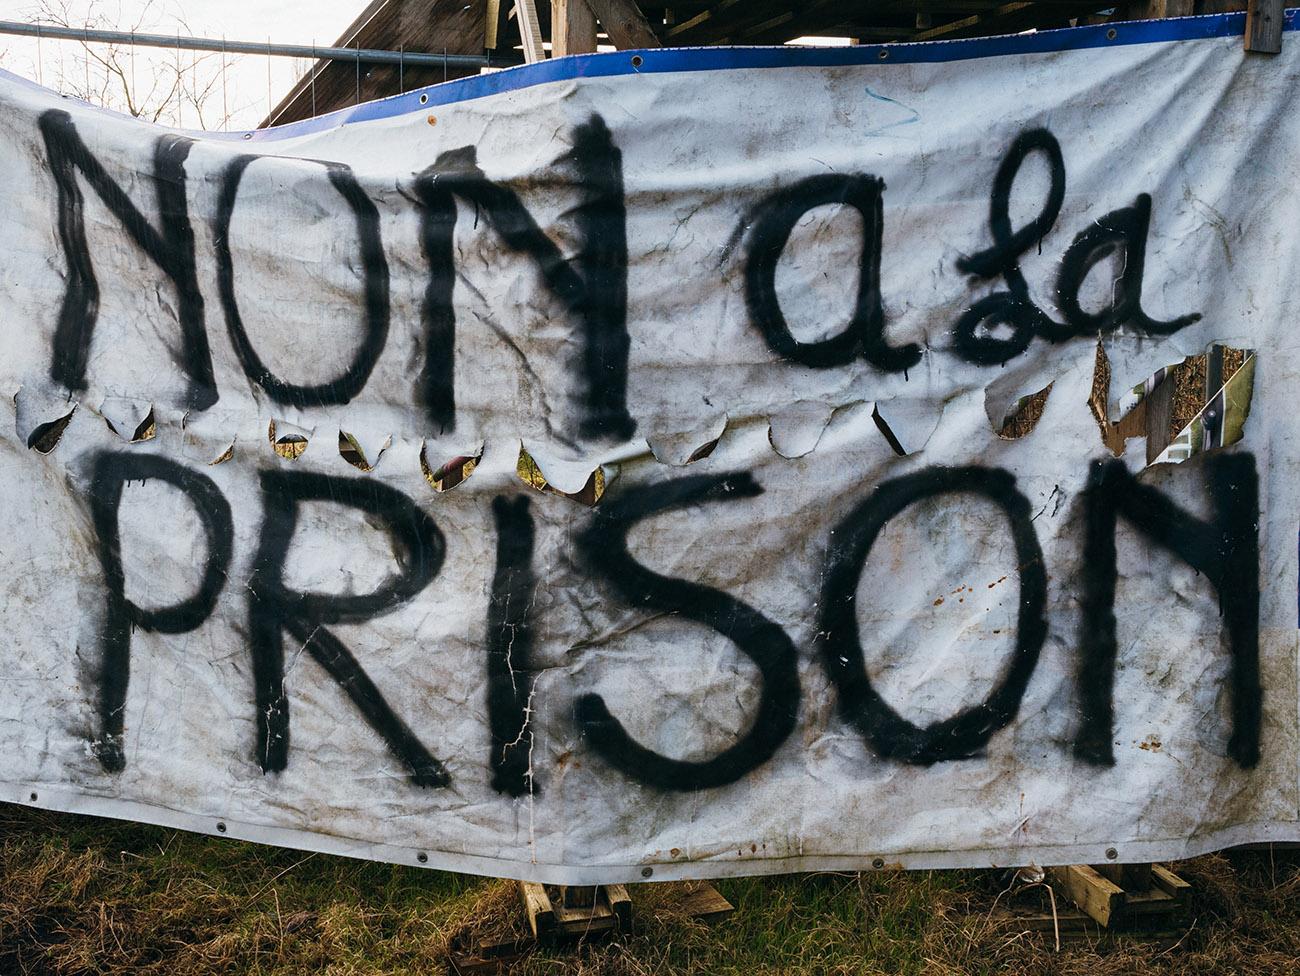 « Méga prison » de Haren : manque de transparence troublant pour un projet public-privé ! By MrMondialisation Harenb